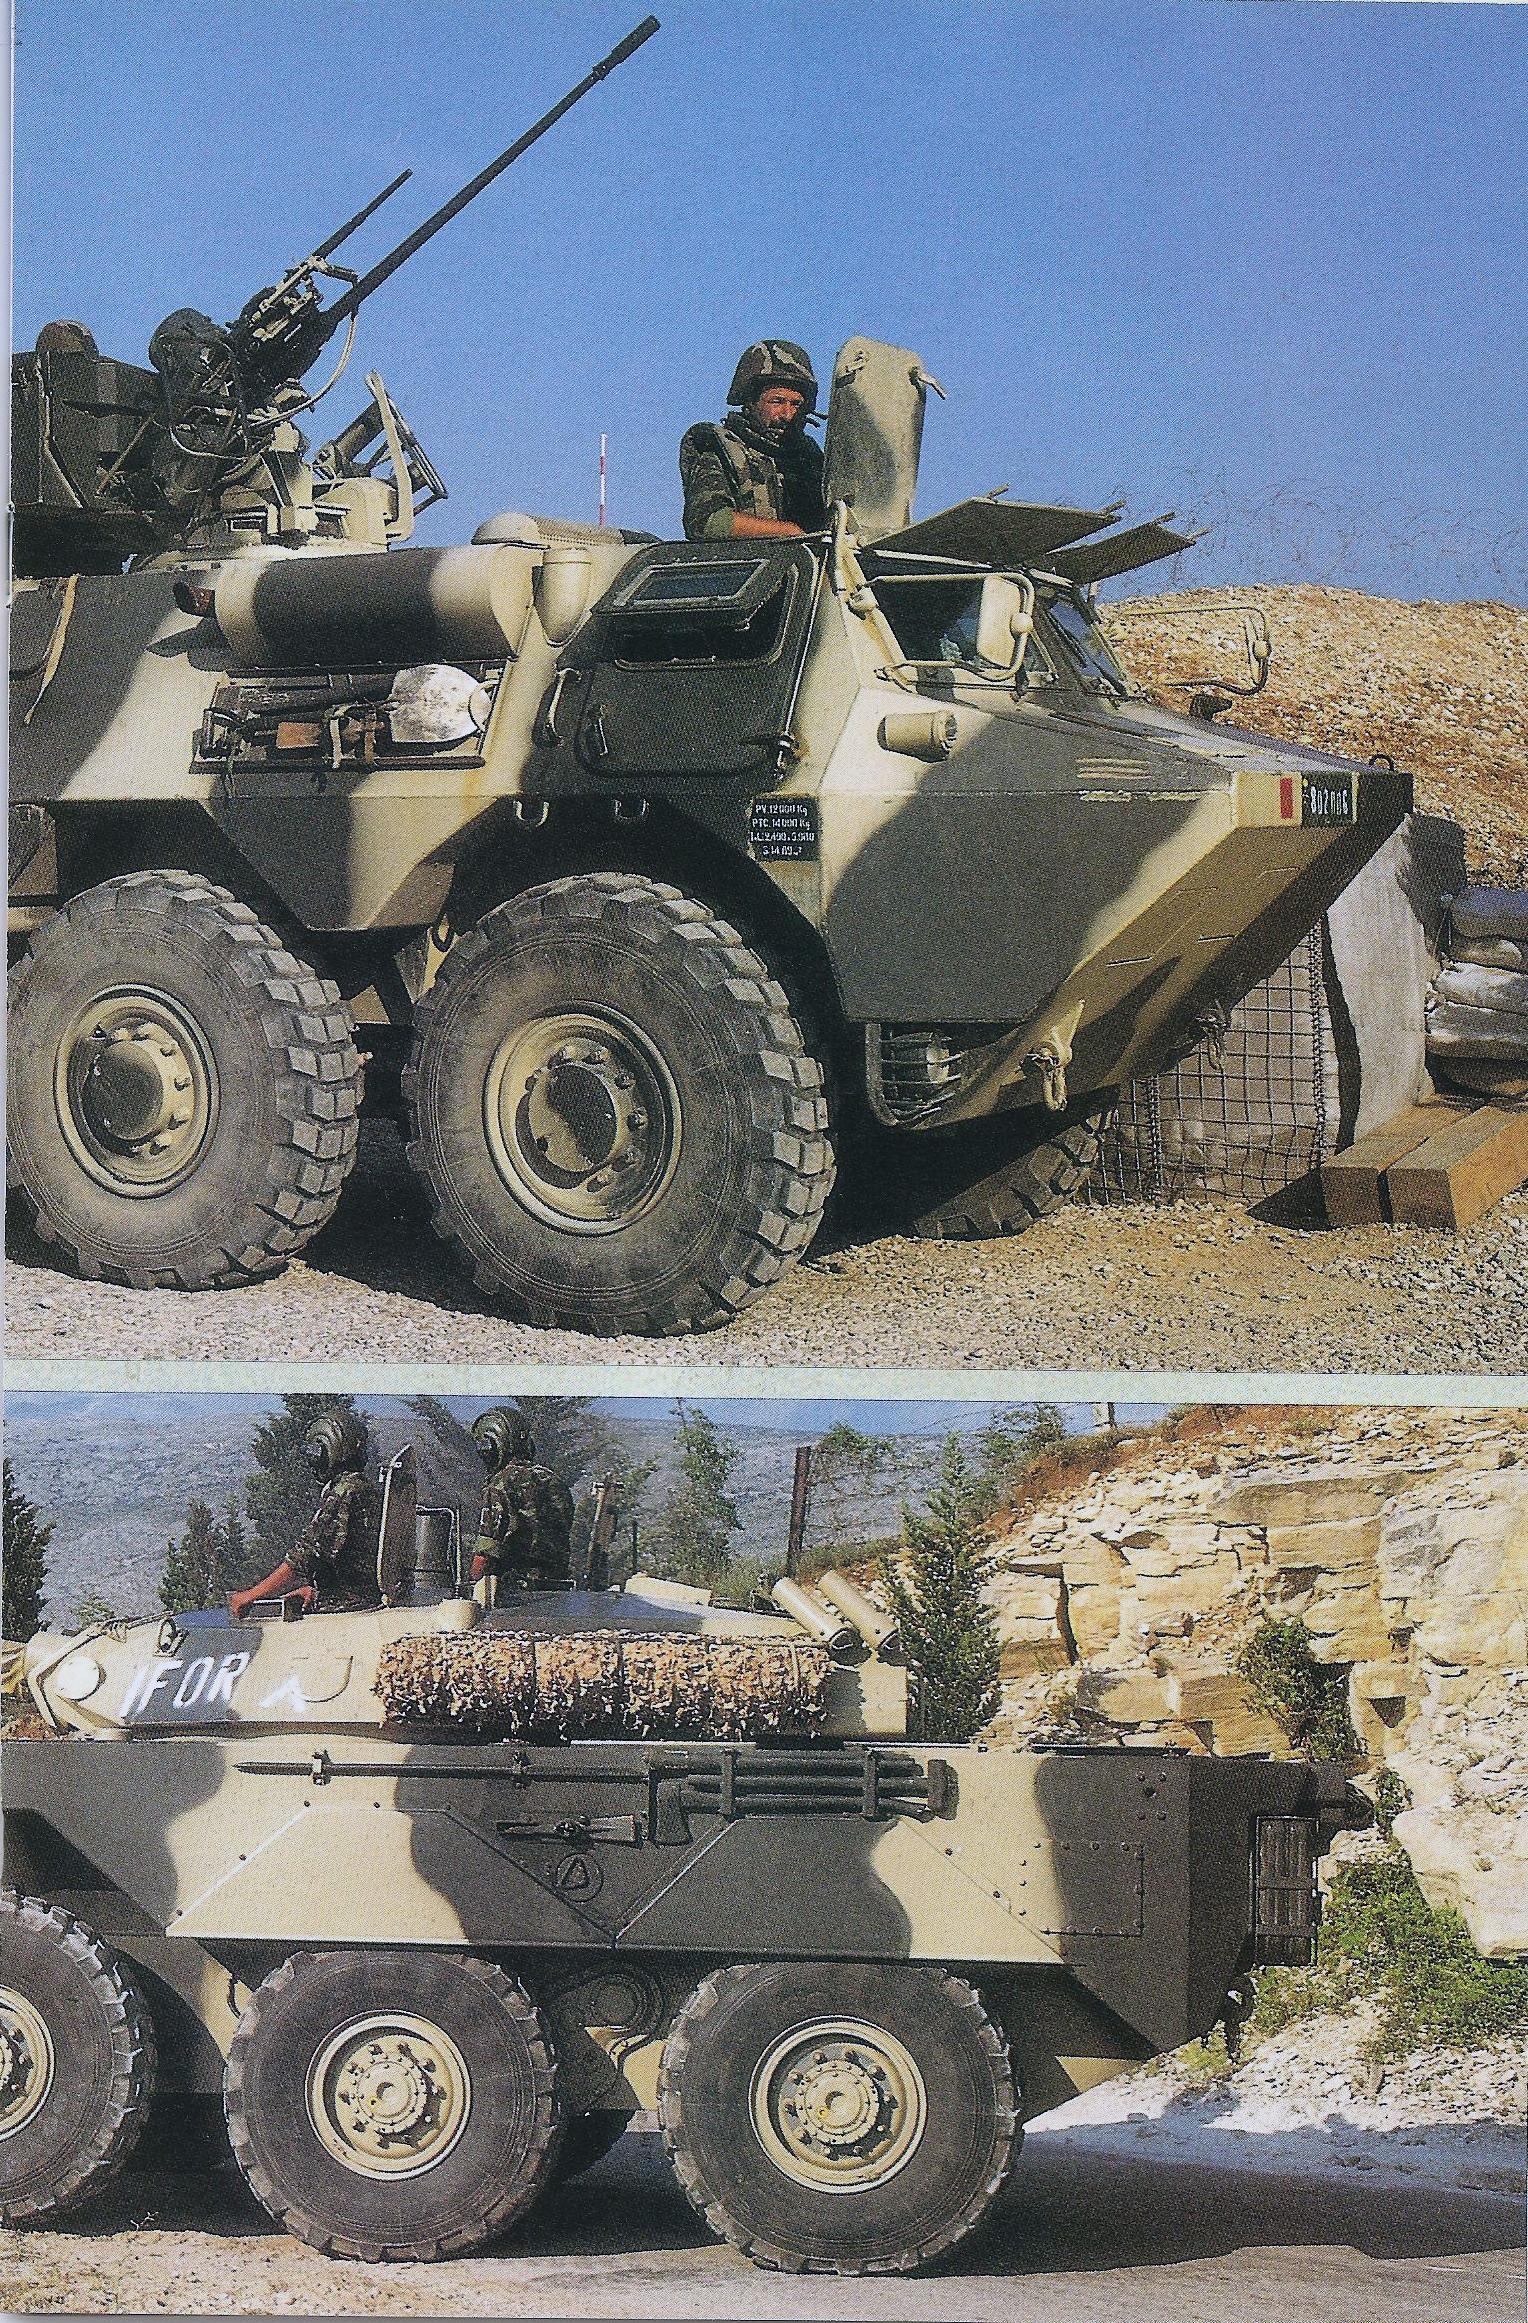 Les F.A.R. en Bosnie  IFOR, SFOR et EUFOR Althea 32557731920_093f7c0370_o